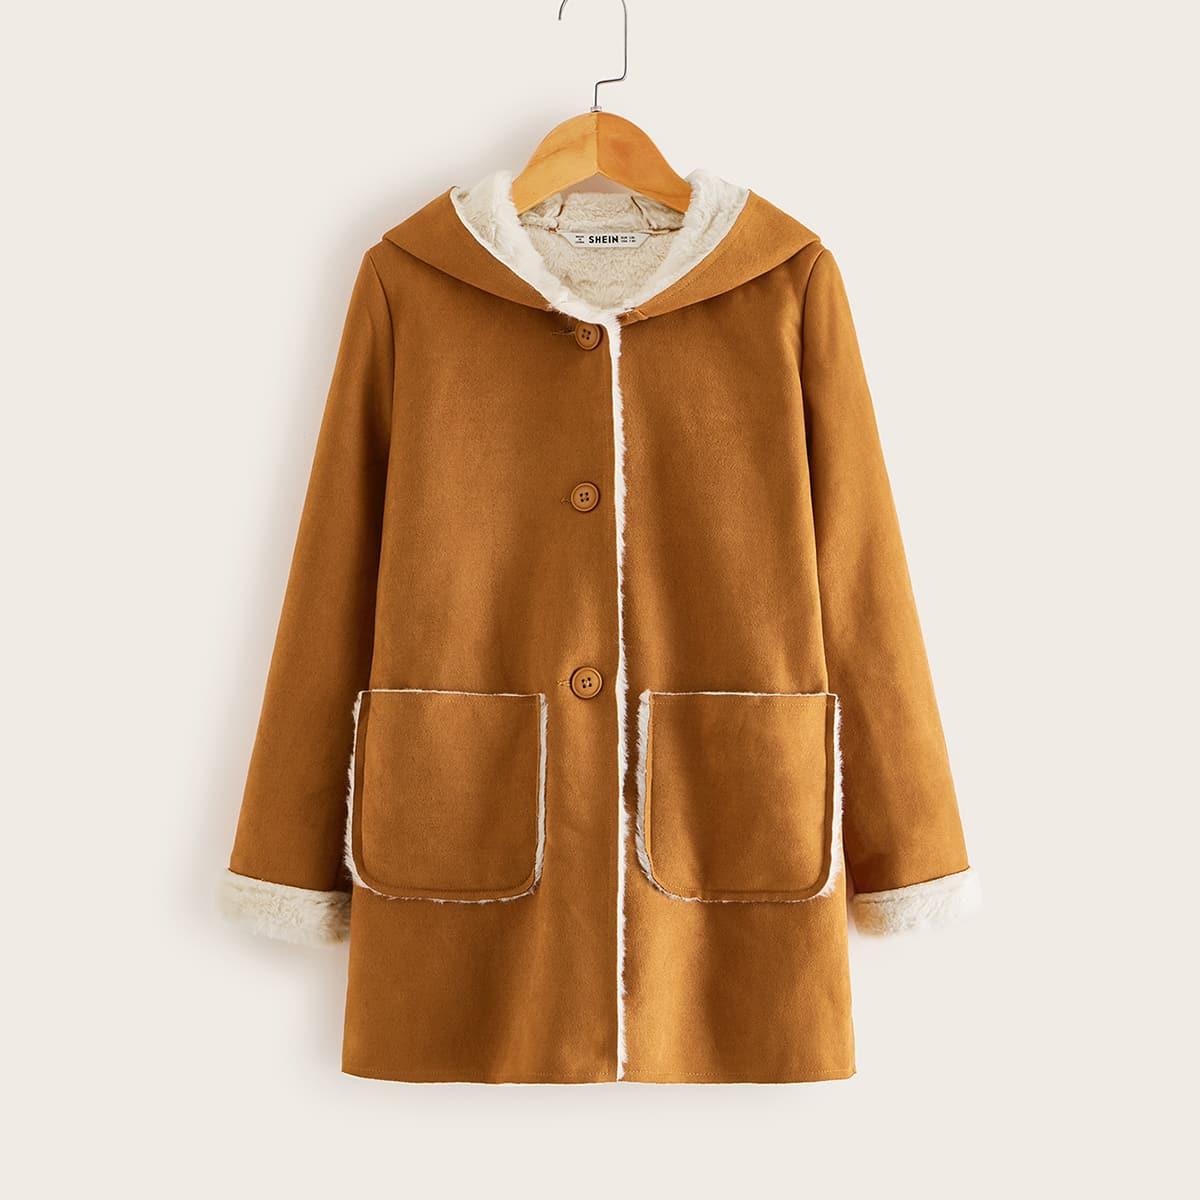 Однобортное пальто с капюшоном из искусственной овчины для девочек от SHEIN